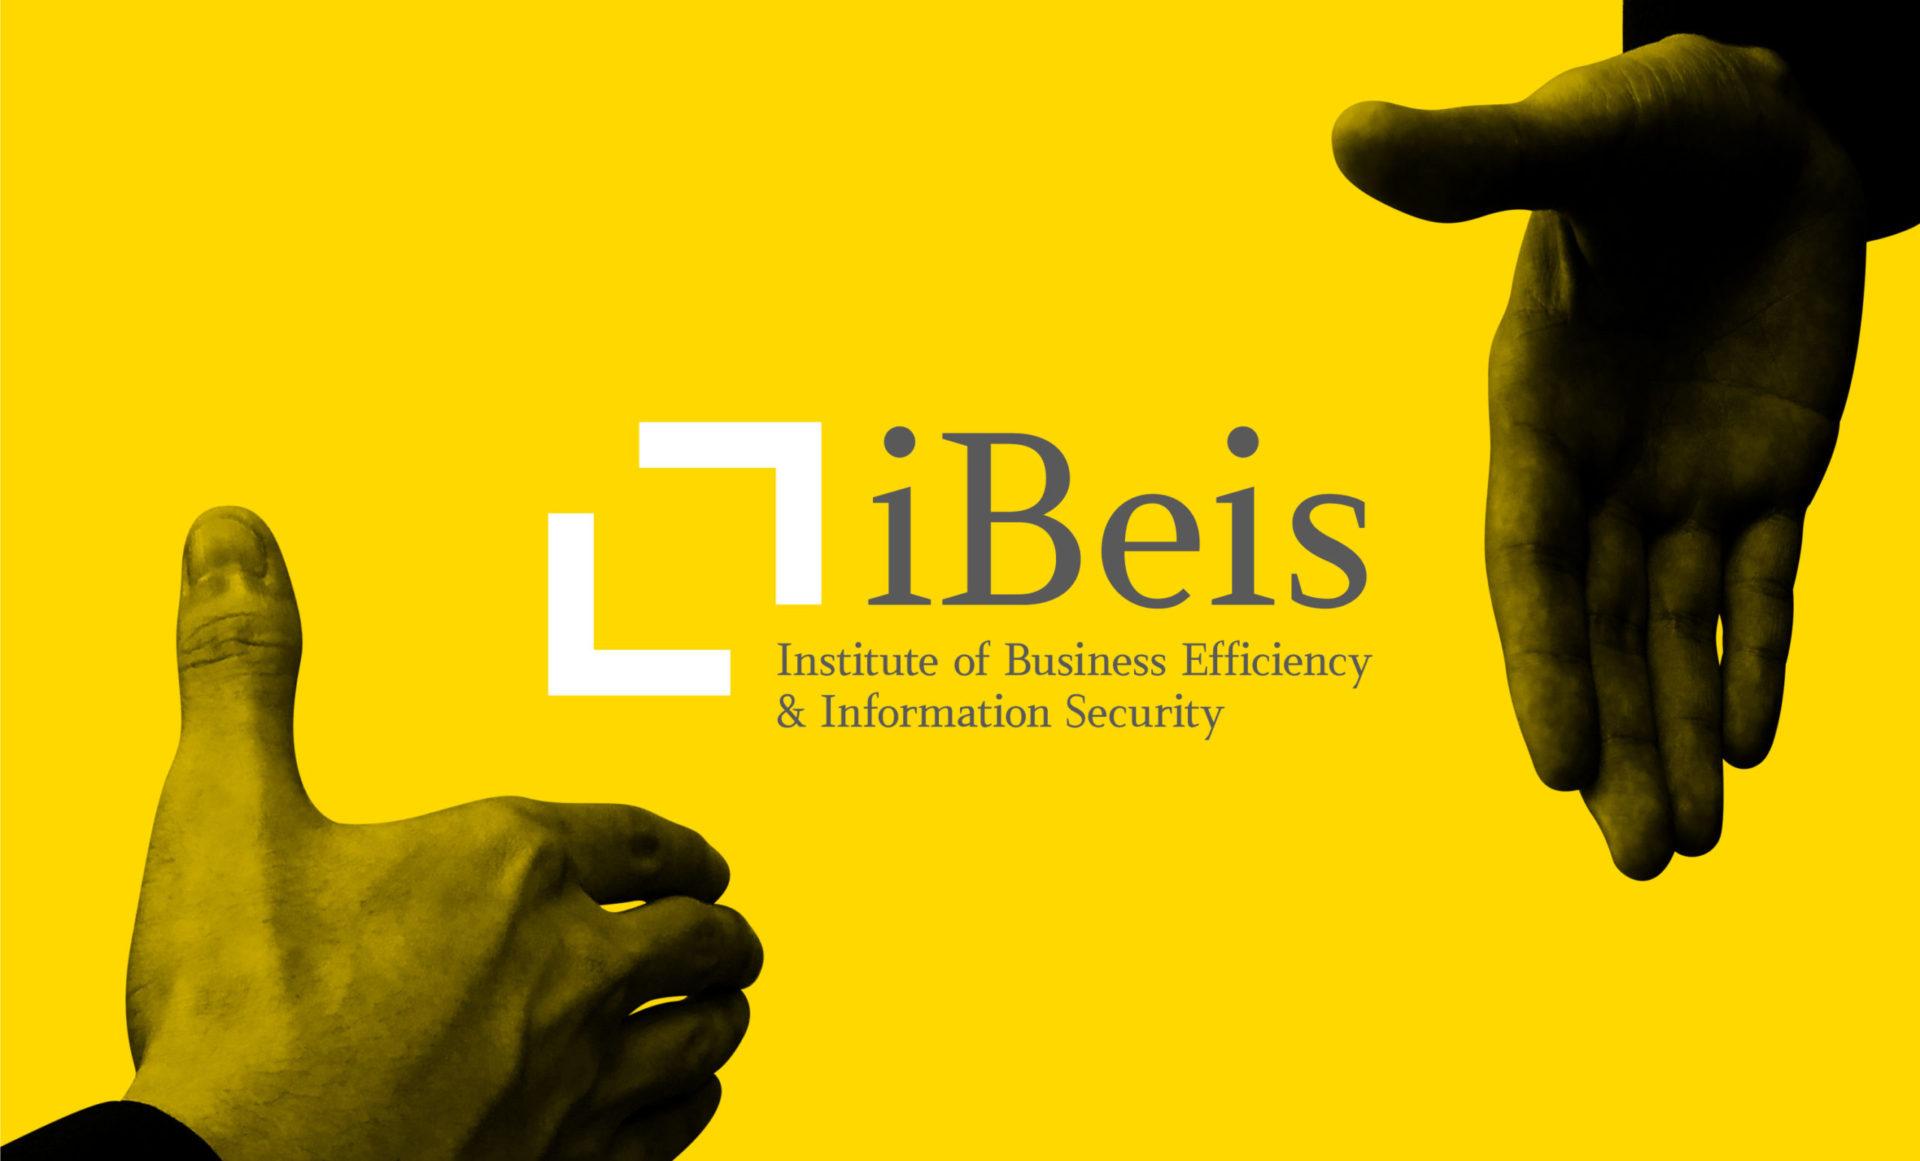 iBeis イメージビジュアル